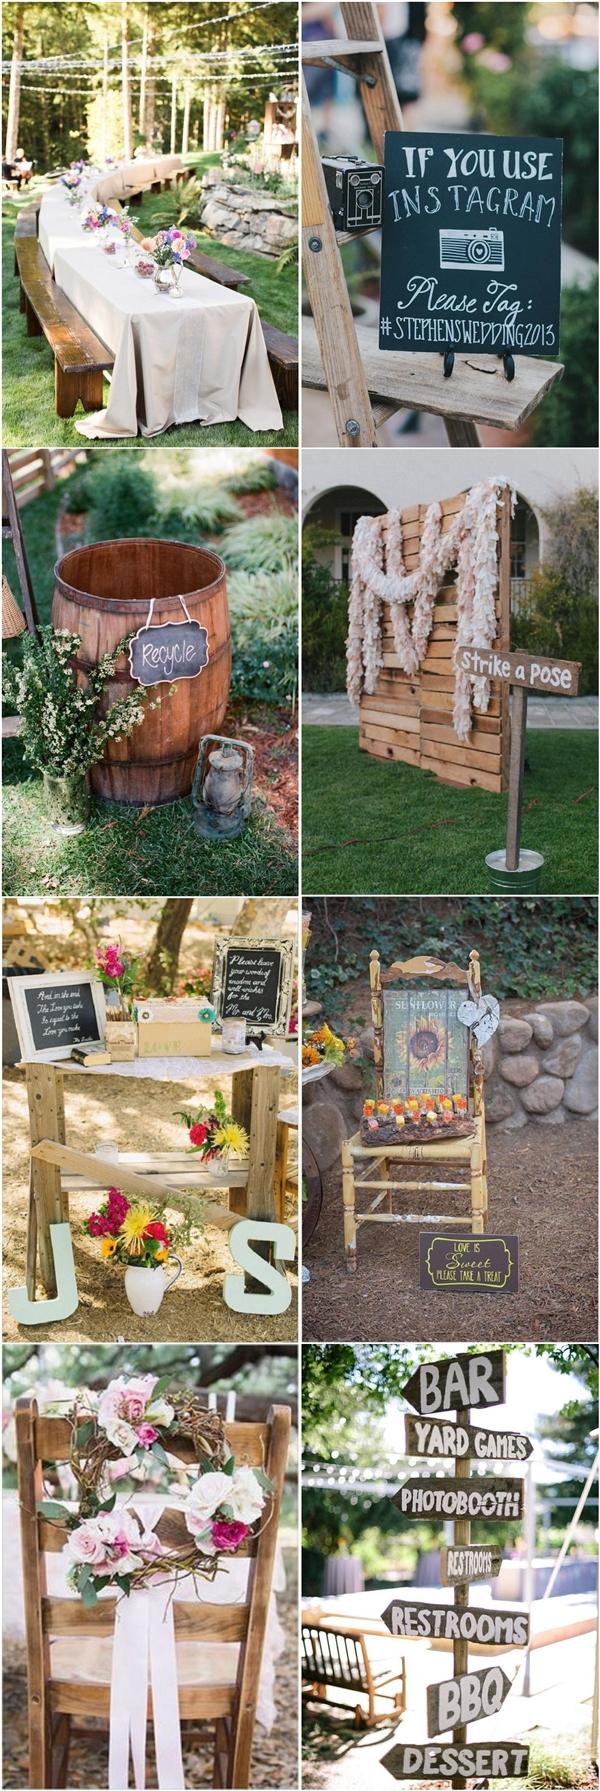 Backyard Wedding Decoration Ideas 35 Rustic Backyard Wedding Decoration Ideas Deer Pearl Flowers